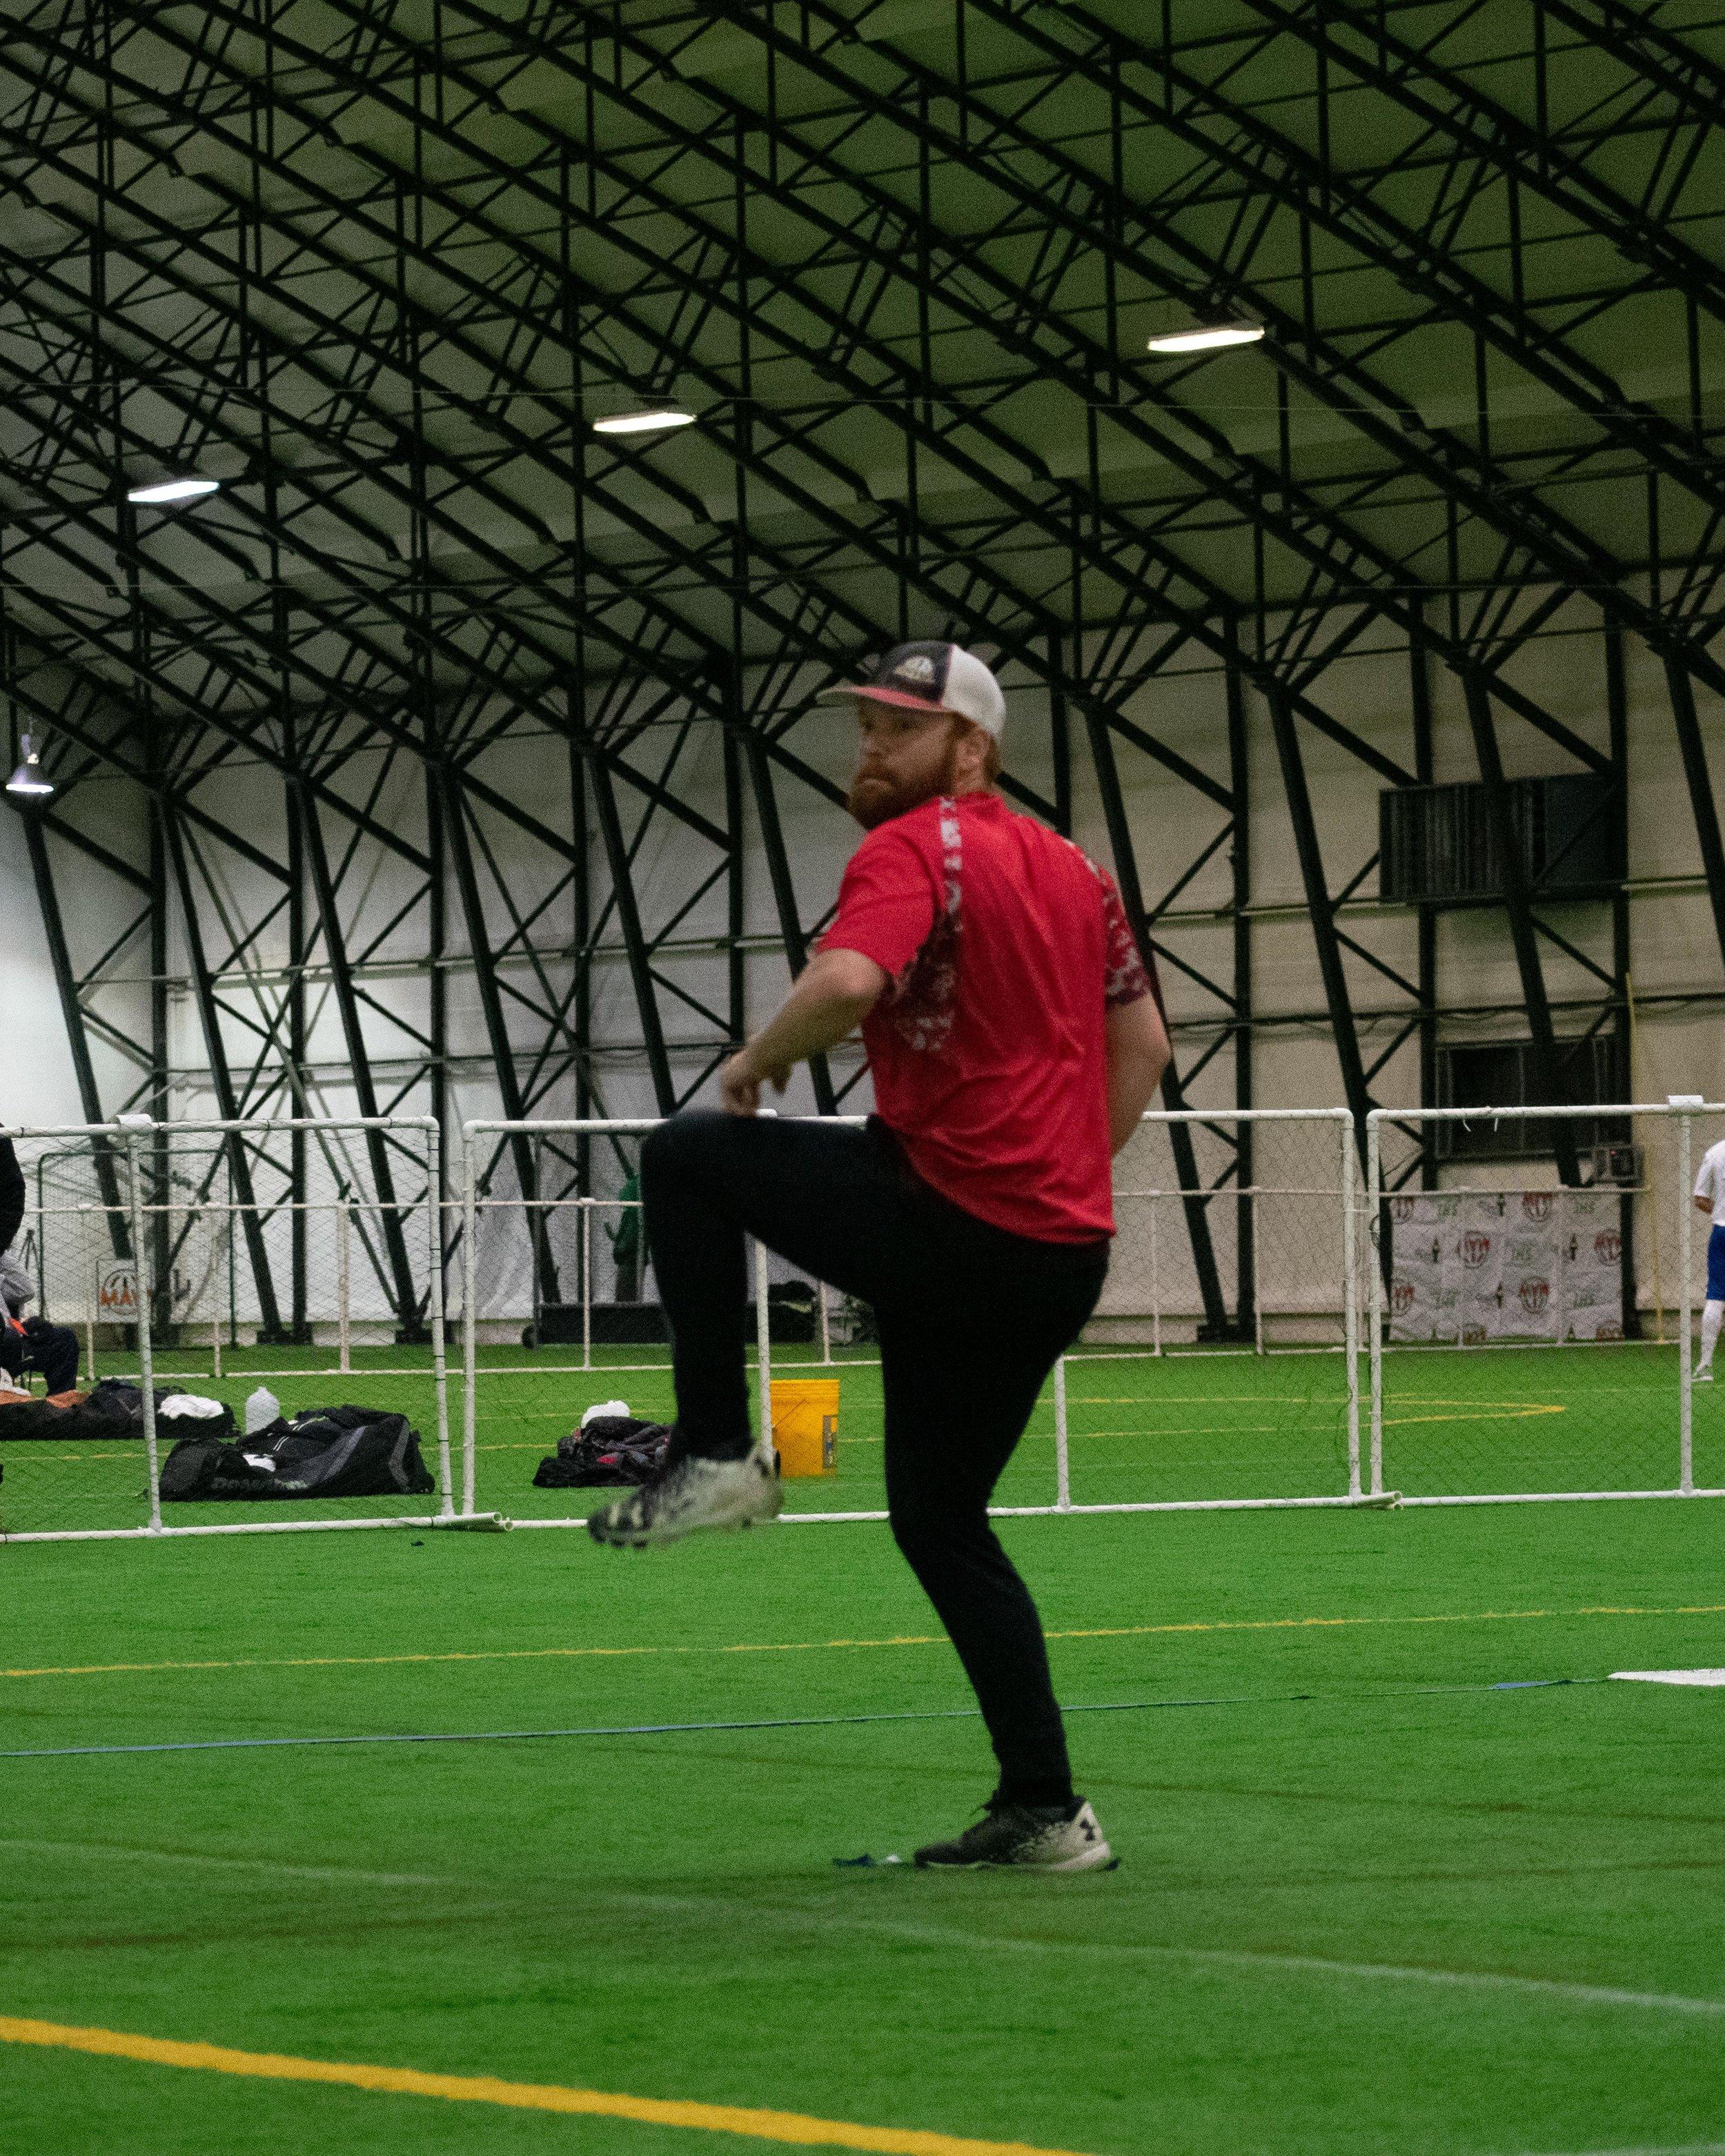 Chris Sarno pitching.jpg